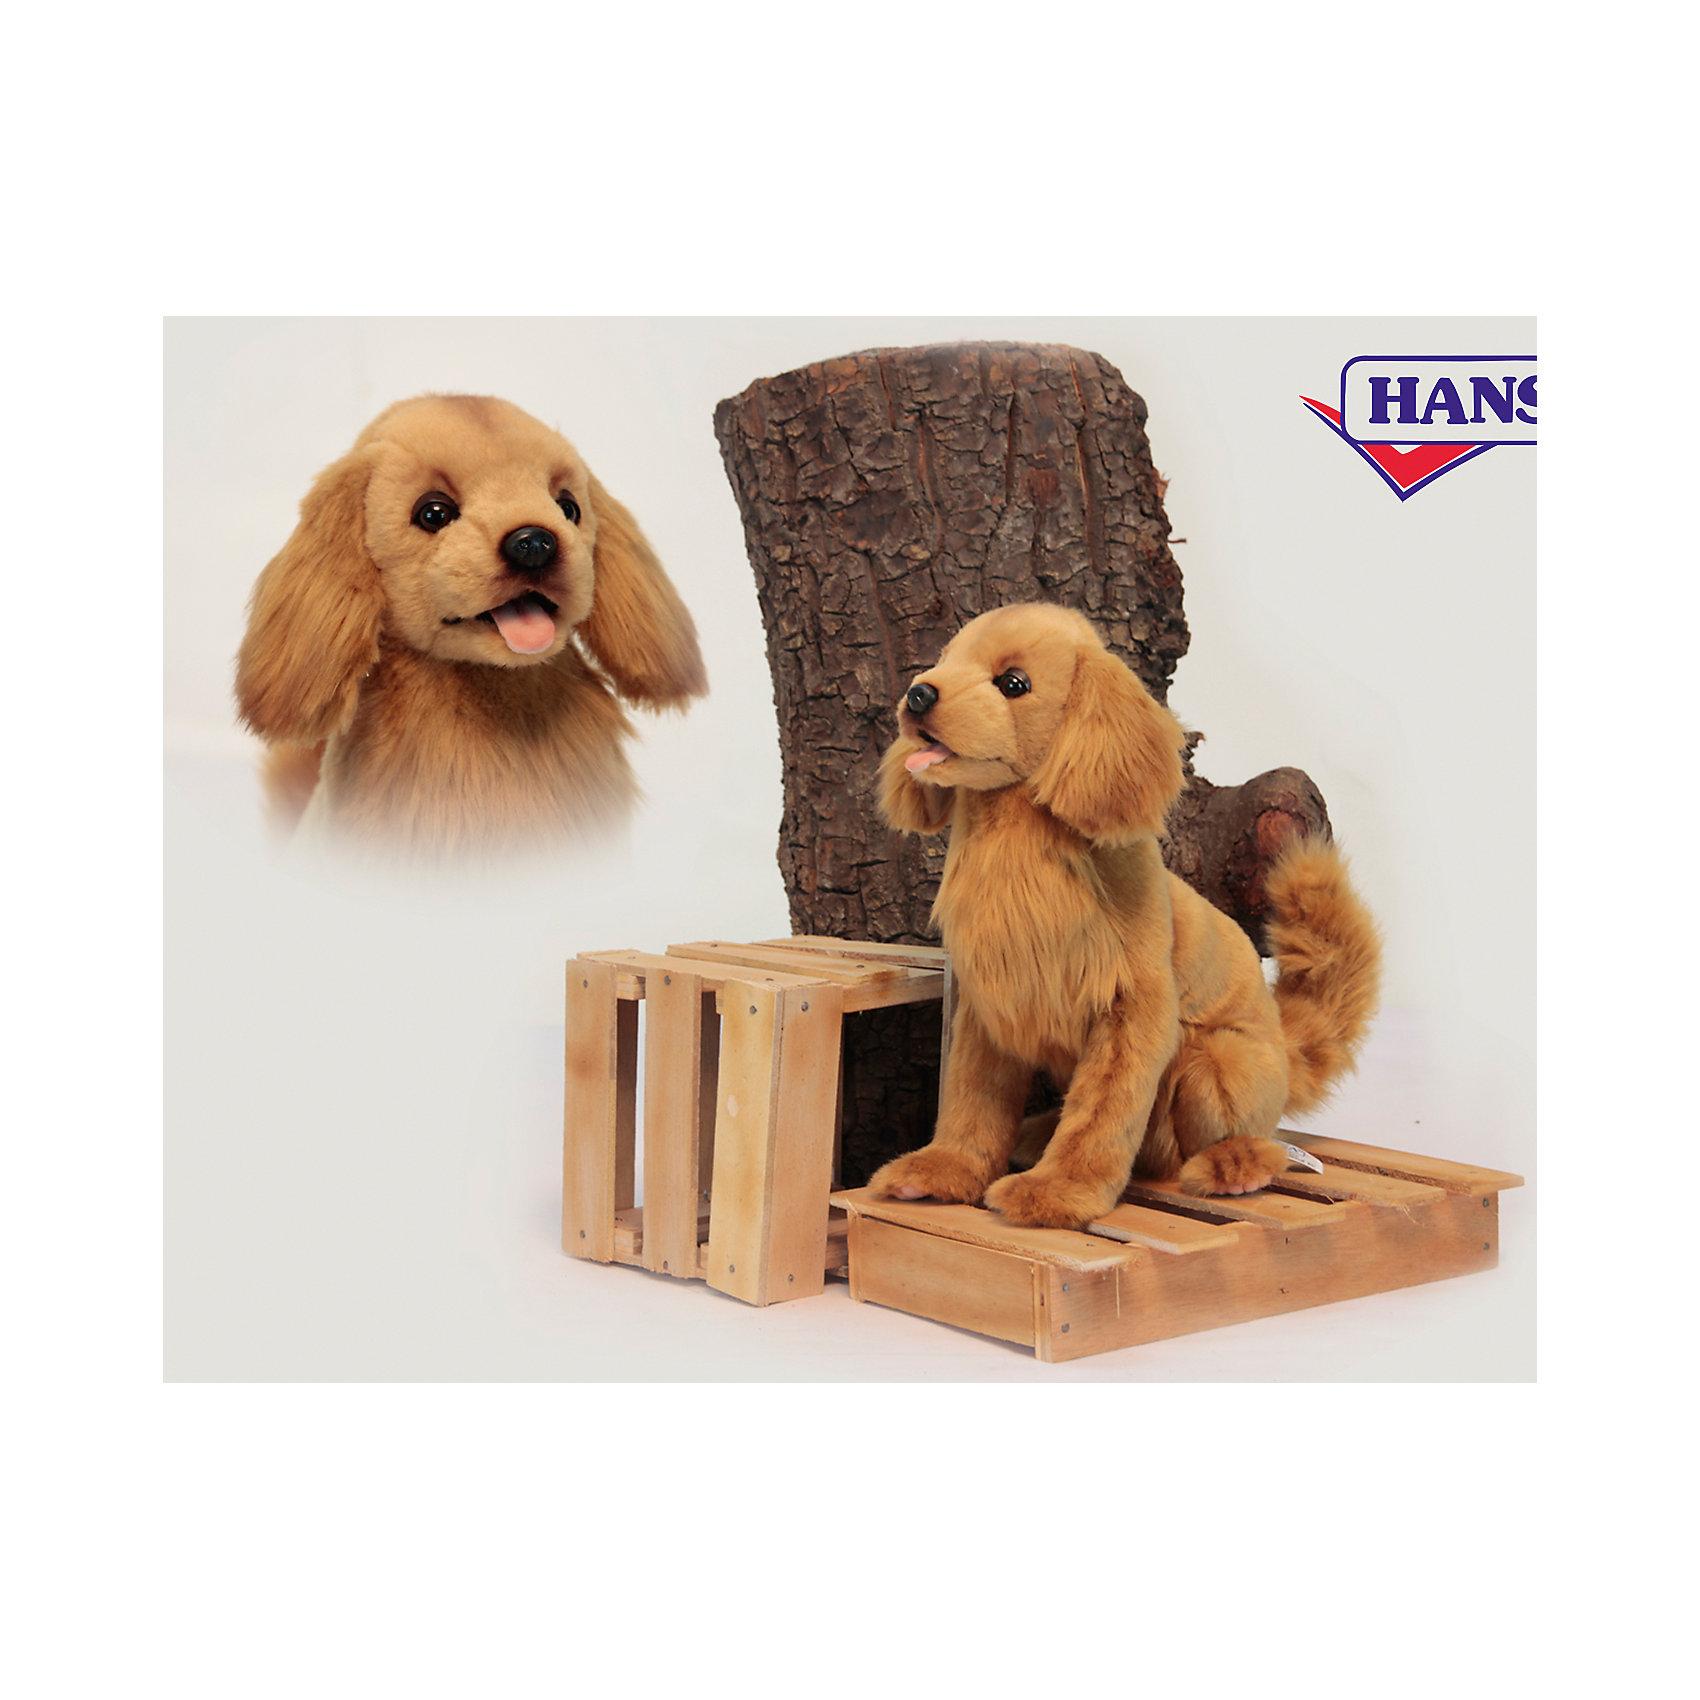 Hansa Золотистый ретривер (коричневый), 28 см мягкие игрушки hansa пони шоколадно коричневый 36 см